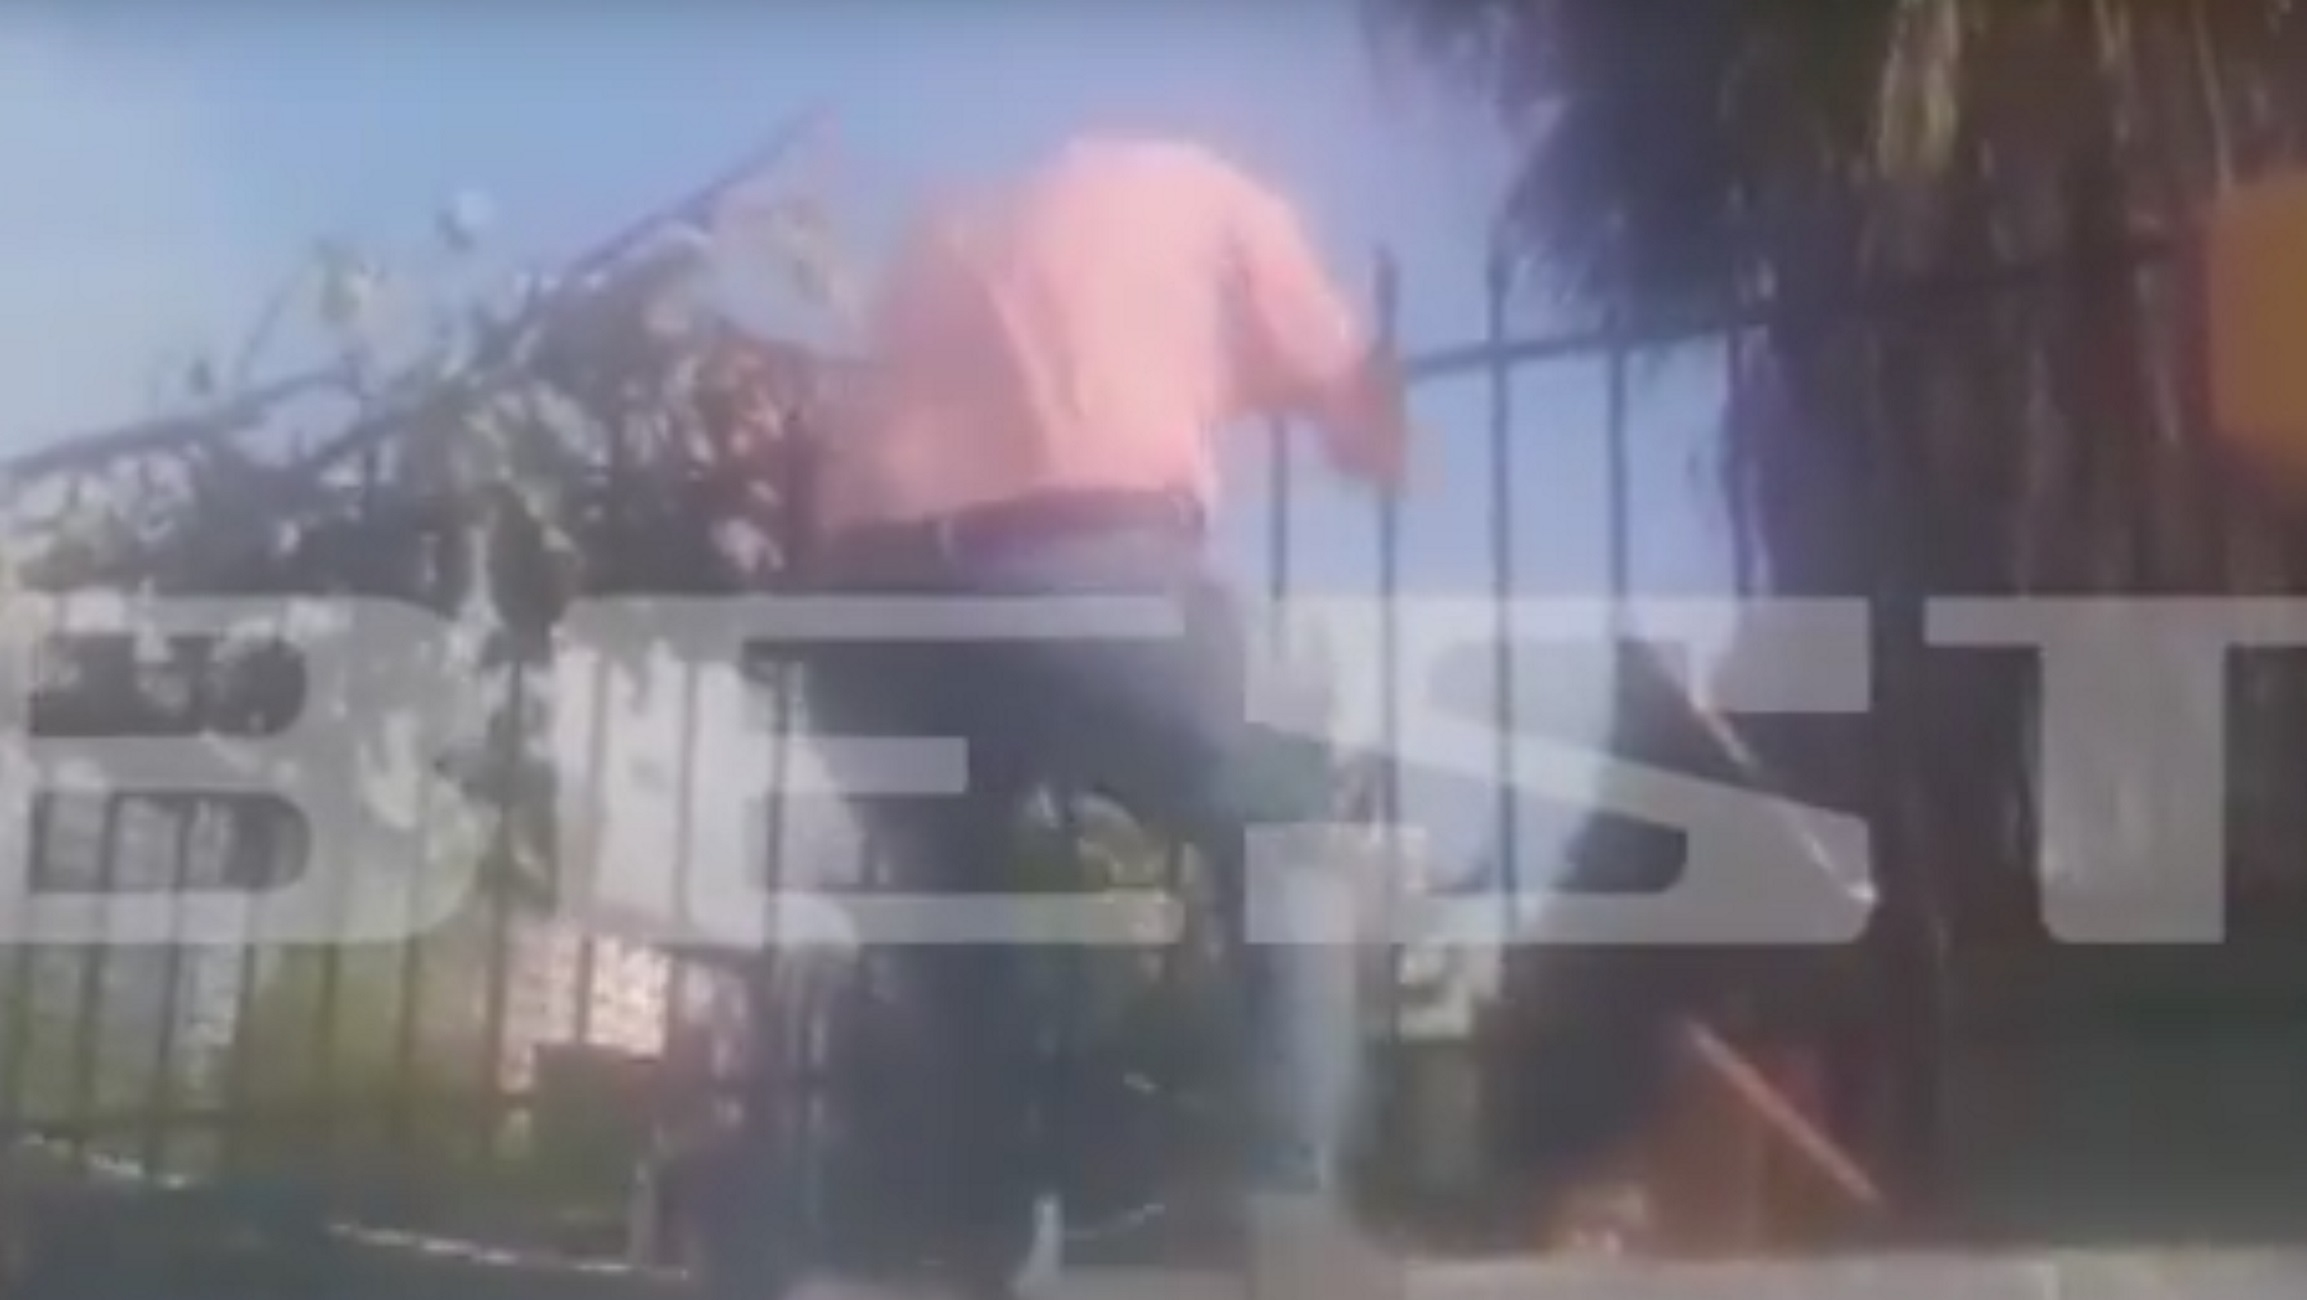 Καλαμάτα: Κόλαση σε κατάληψη και ξύλο με καρέκλες ανάμεσα σε γονείς, μαθητές και καθηγητές (Βίντεο)